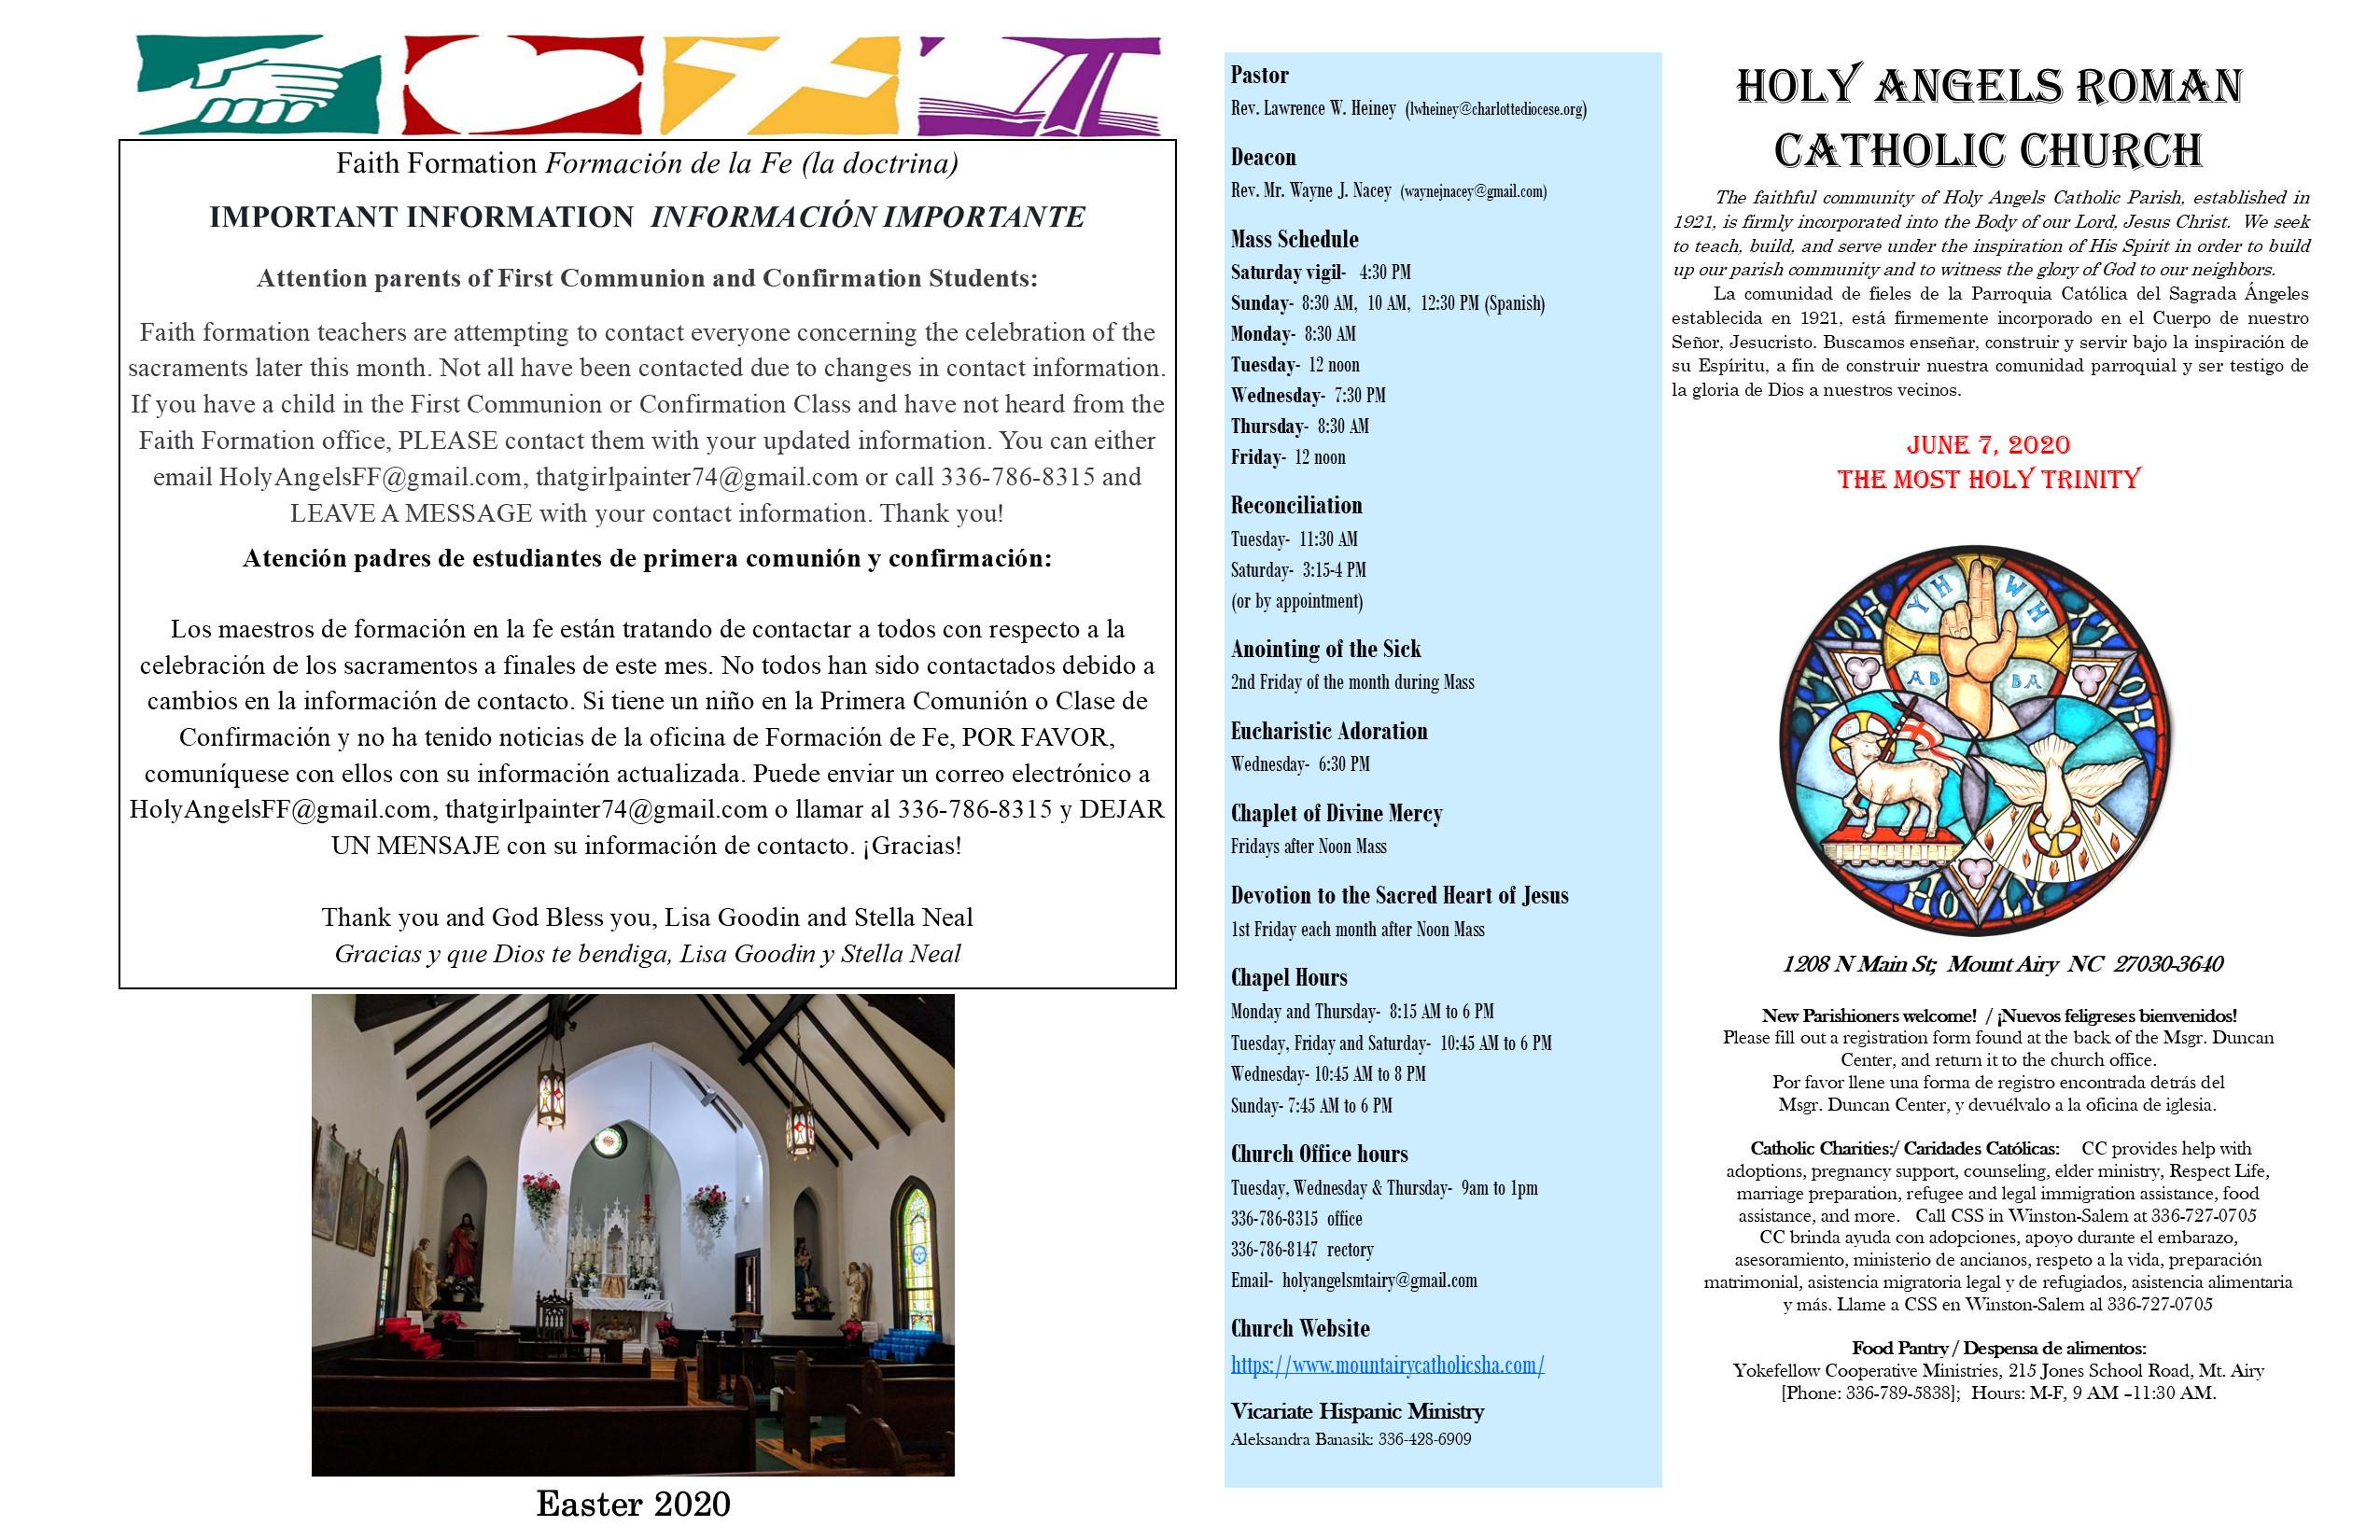 June 7 2020 page 1.jpg